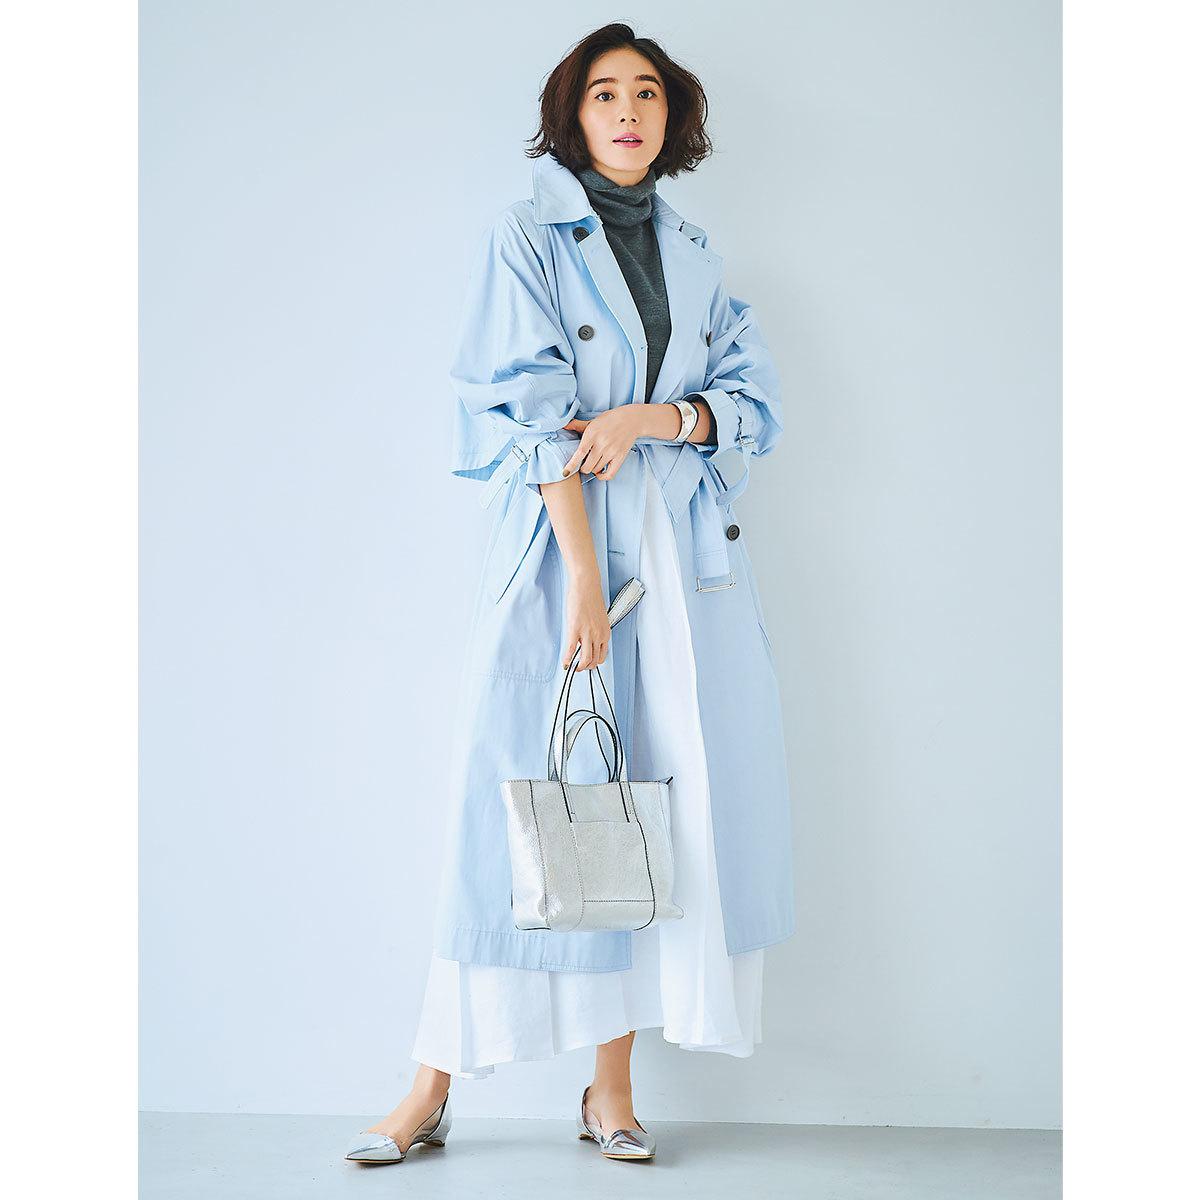 ペールブルーのトレンチコート×白のロングスカートコーデ